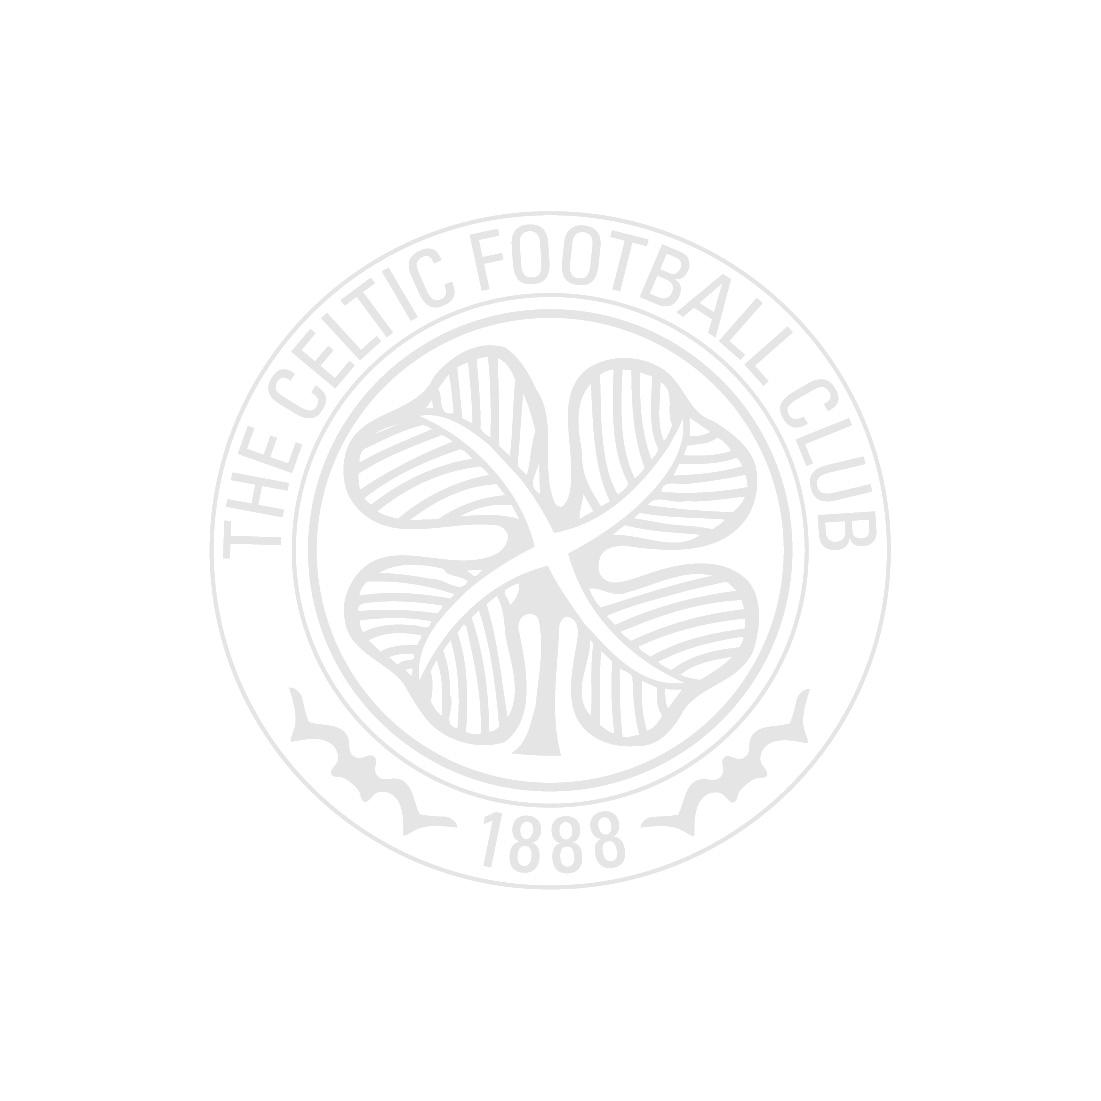 Celtic Classic Team Stripe T-shirt - Online Exclusive